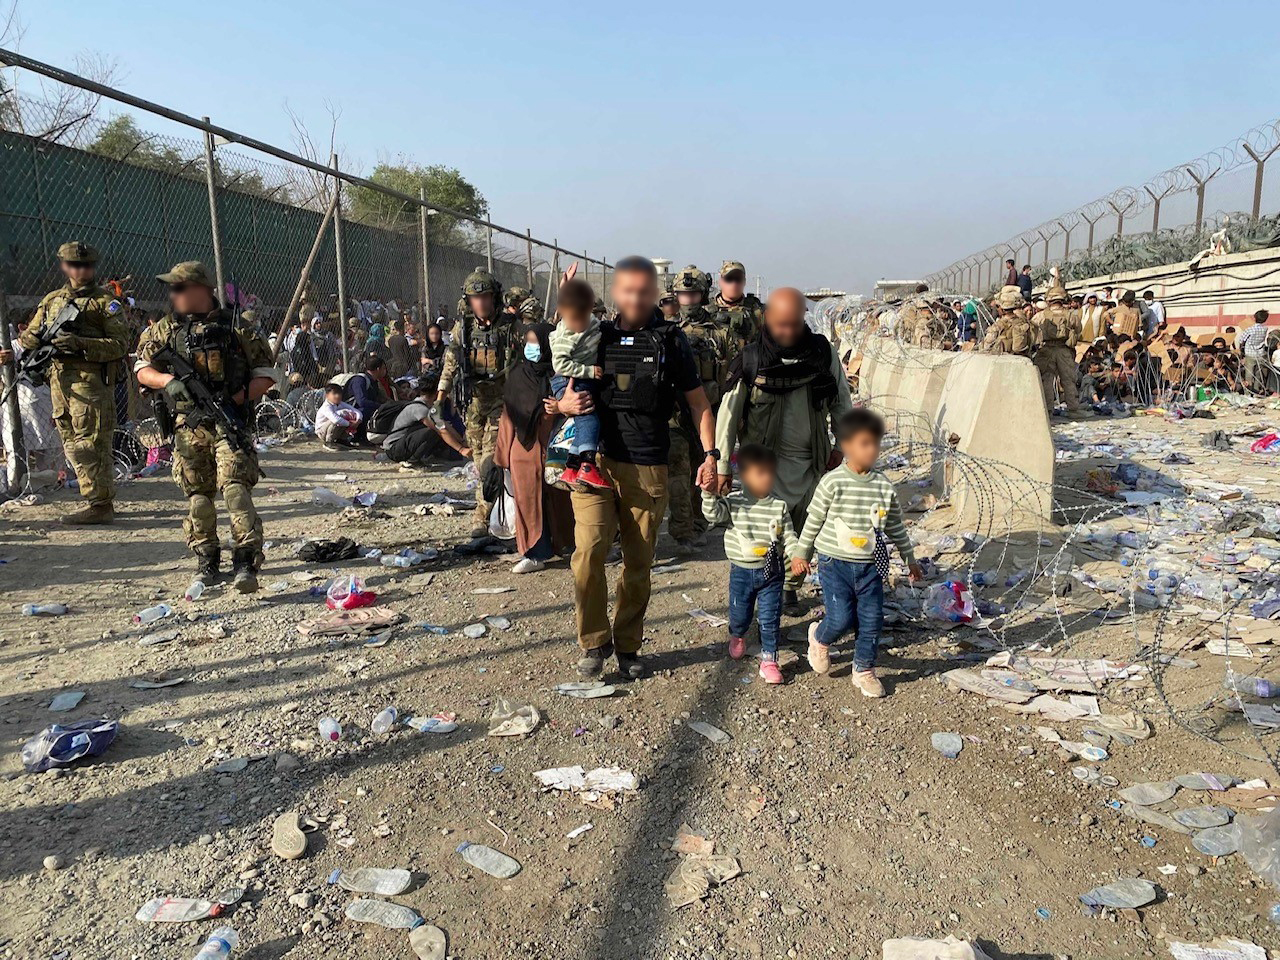 Kuva Kabulin kentokentän läheisyydesta. Suomen avustustiimin jäsen taluttaa kahta afgaanilasta (kasvot tunnistamattomaksi muokatut) . Kuvassa myös Suomen suojausjoukon jäseniä sekä taustalla paljon paikallisia ihmisiä.